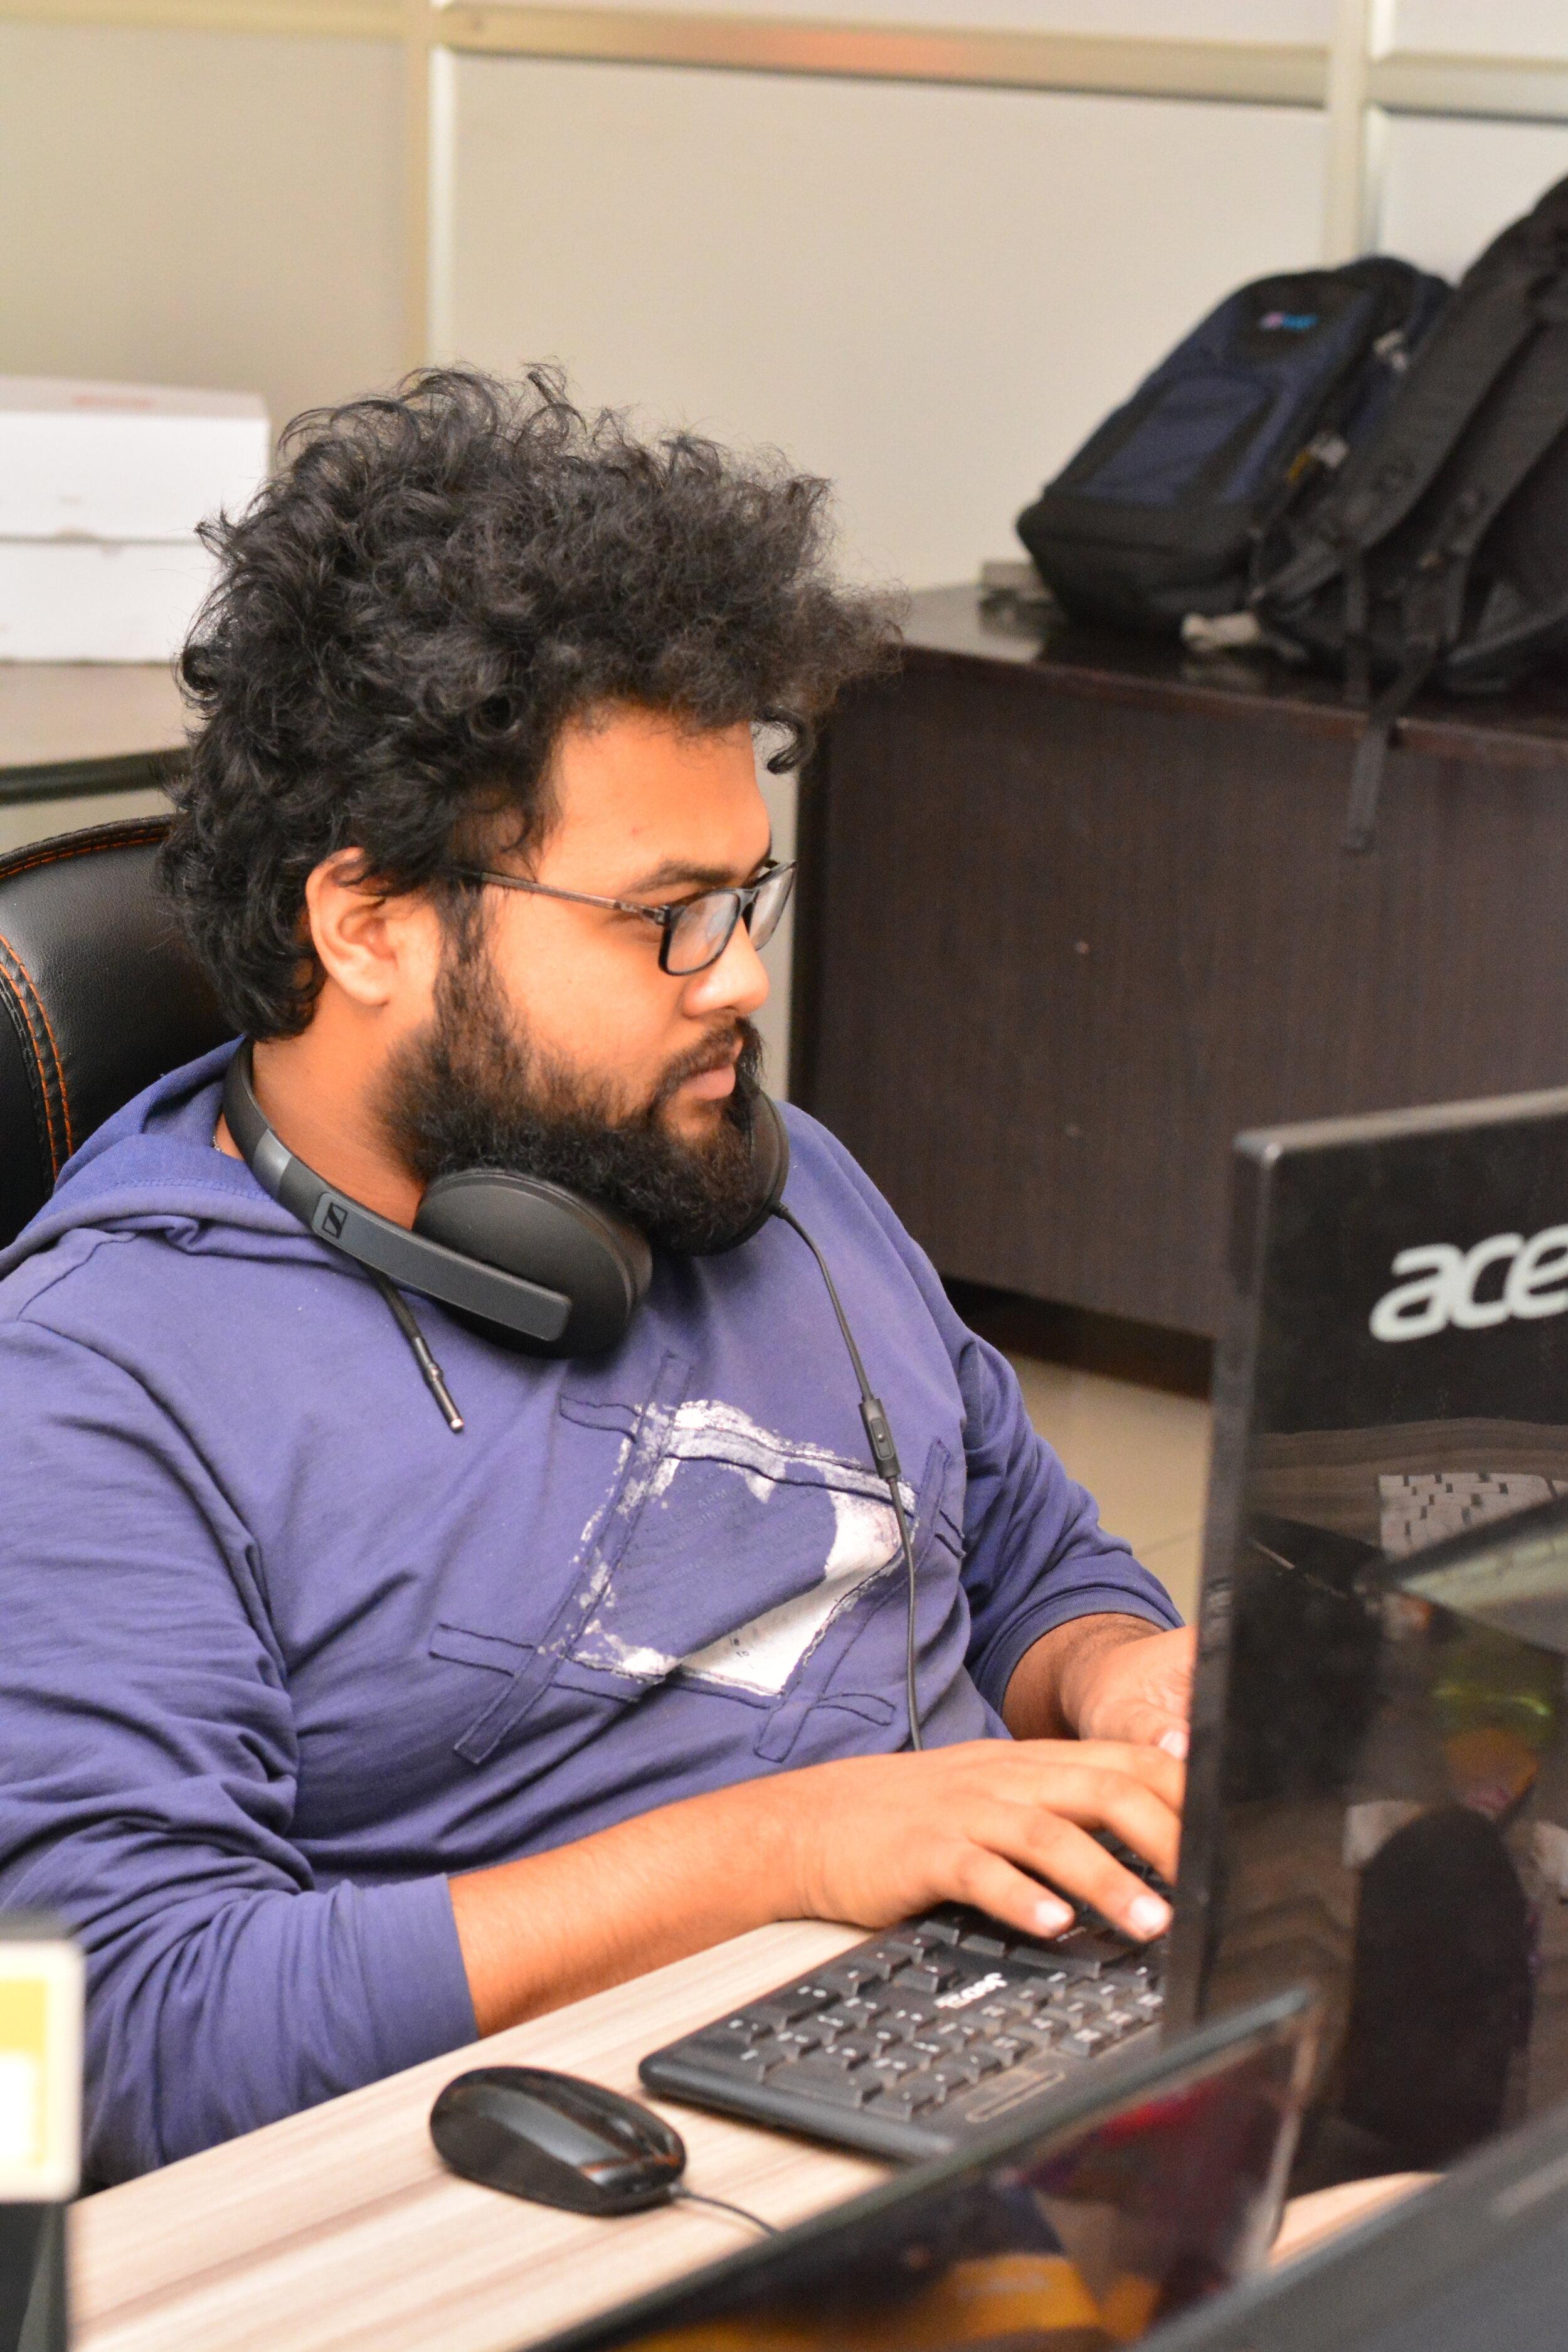 Sheetal at work-space